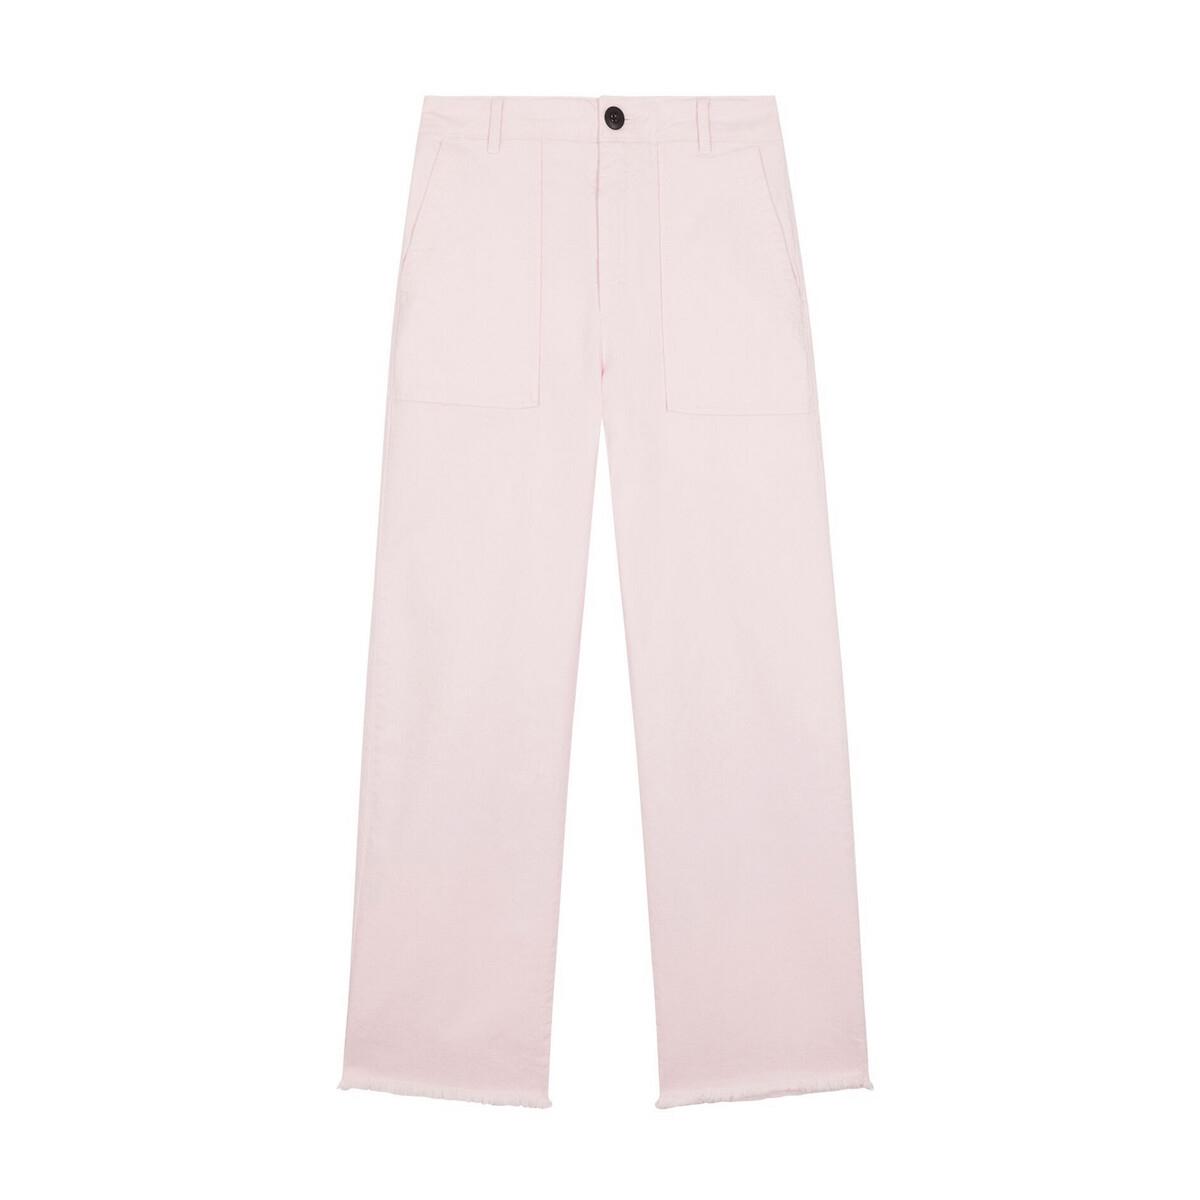 цена Брюки La Redoute Широкие с высоким поясом PRALIN 40 (FR) - 46 (RUS) розовый онлайн в 2017 году